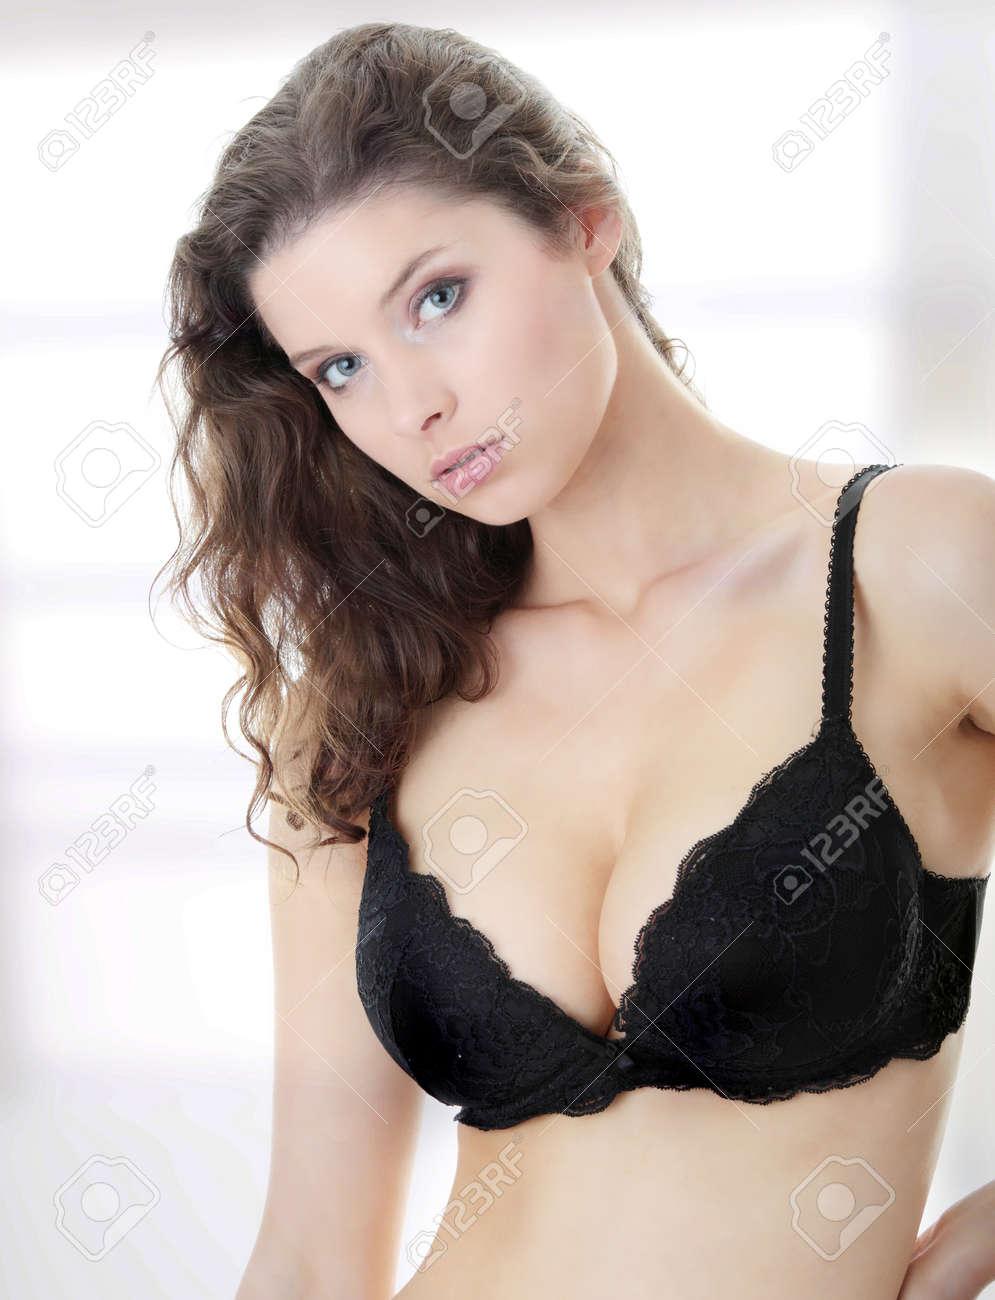 Porn male cock sucker gifs